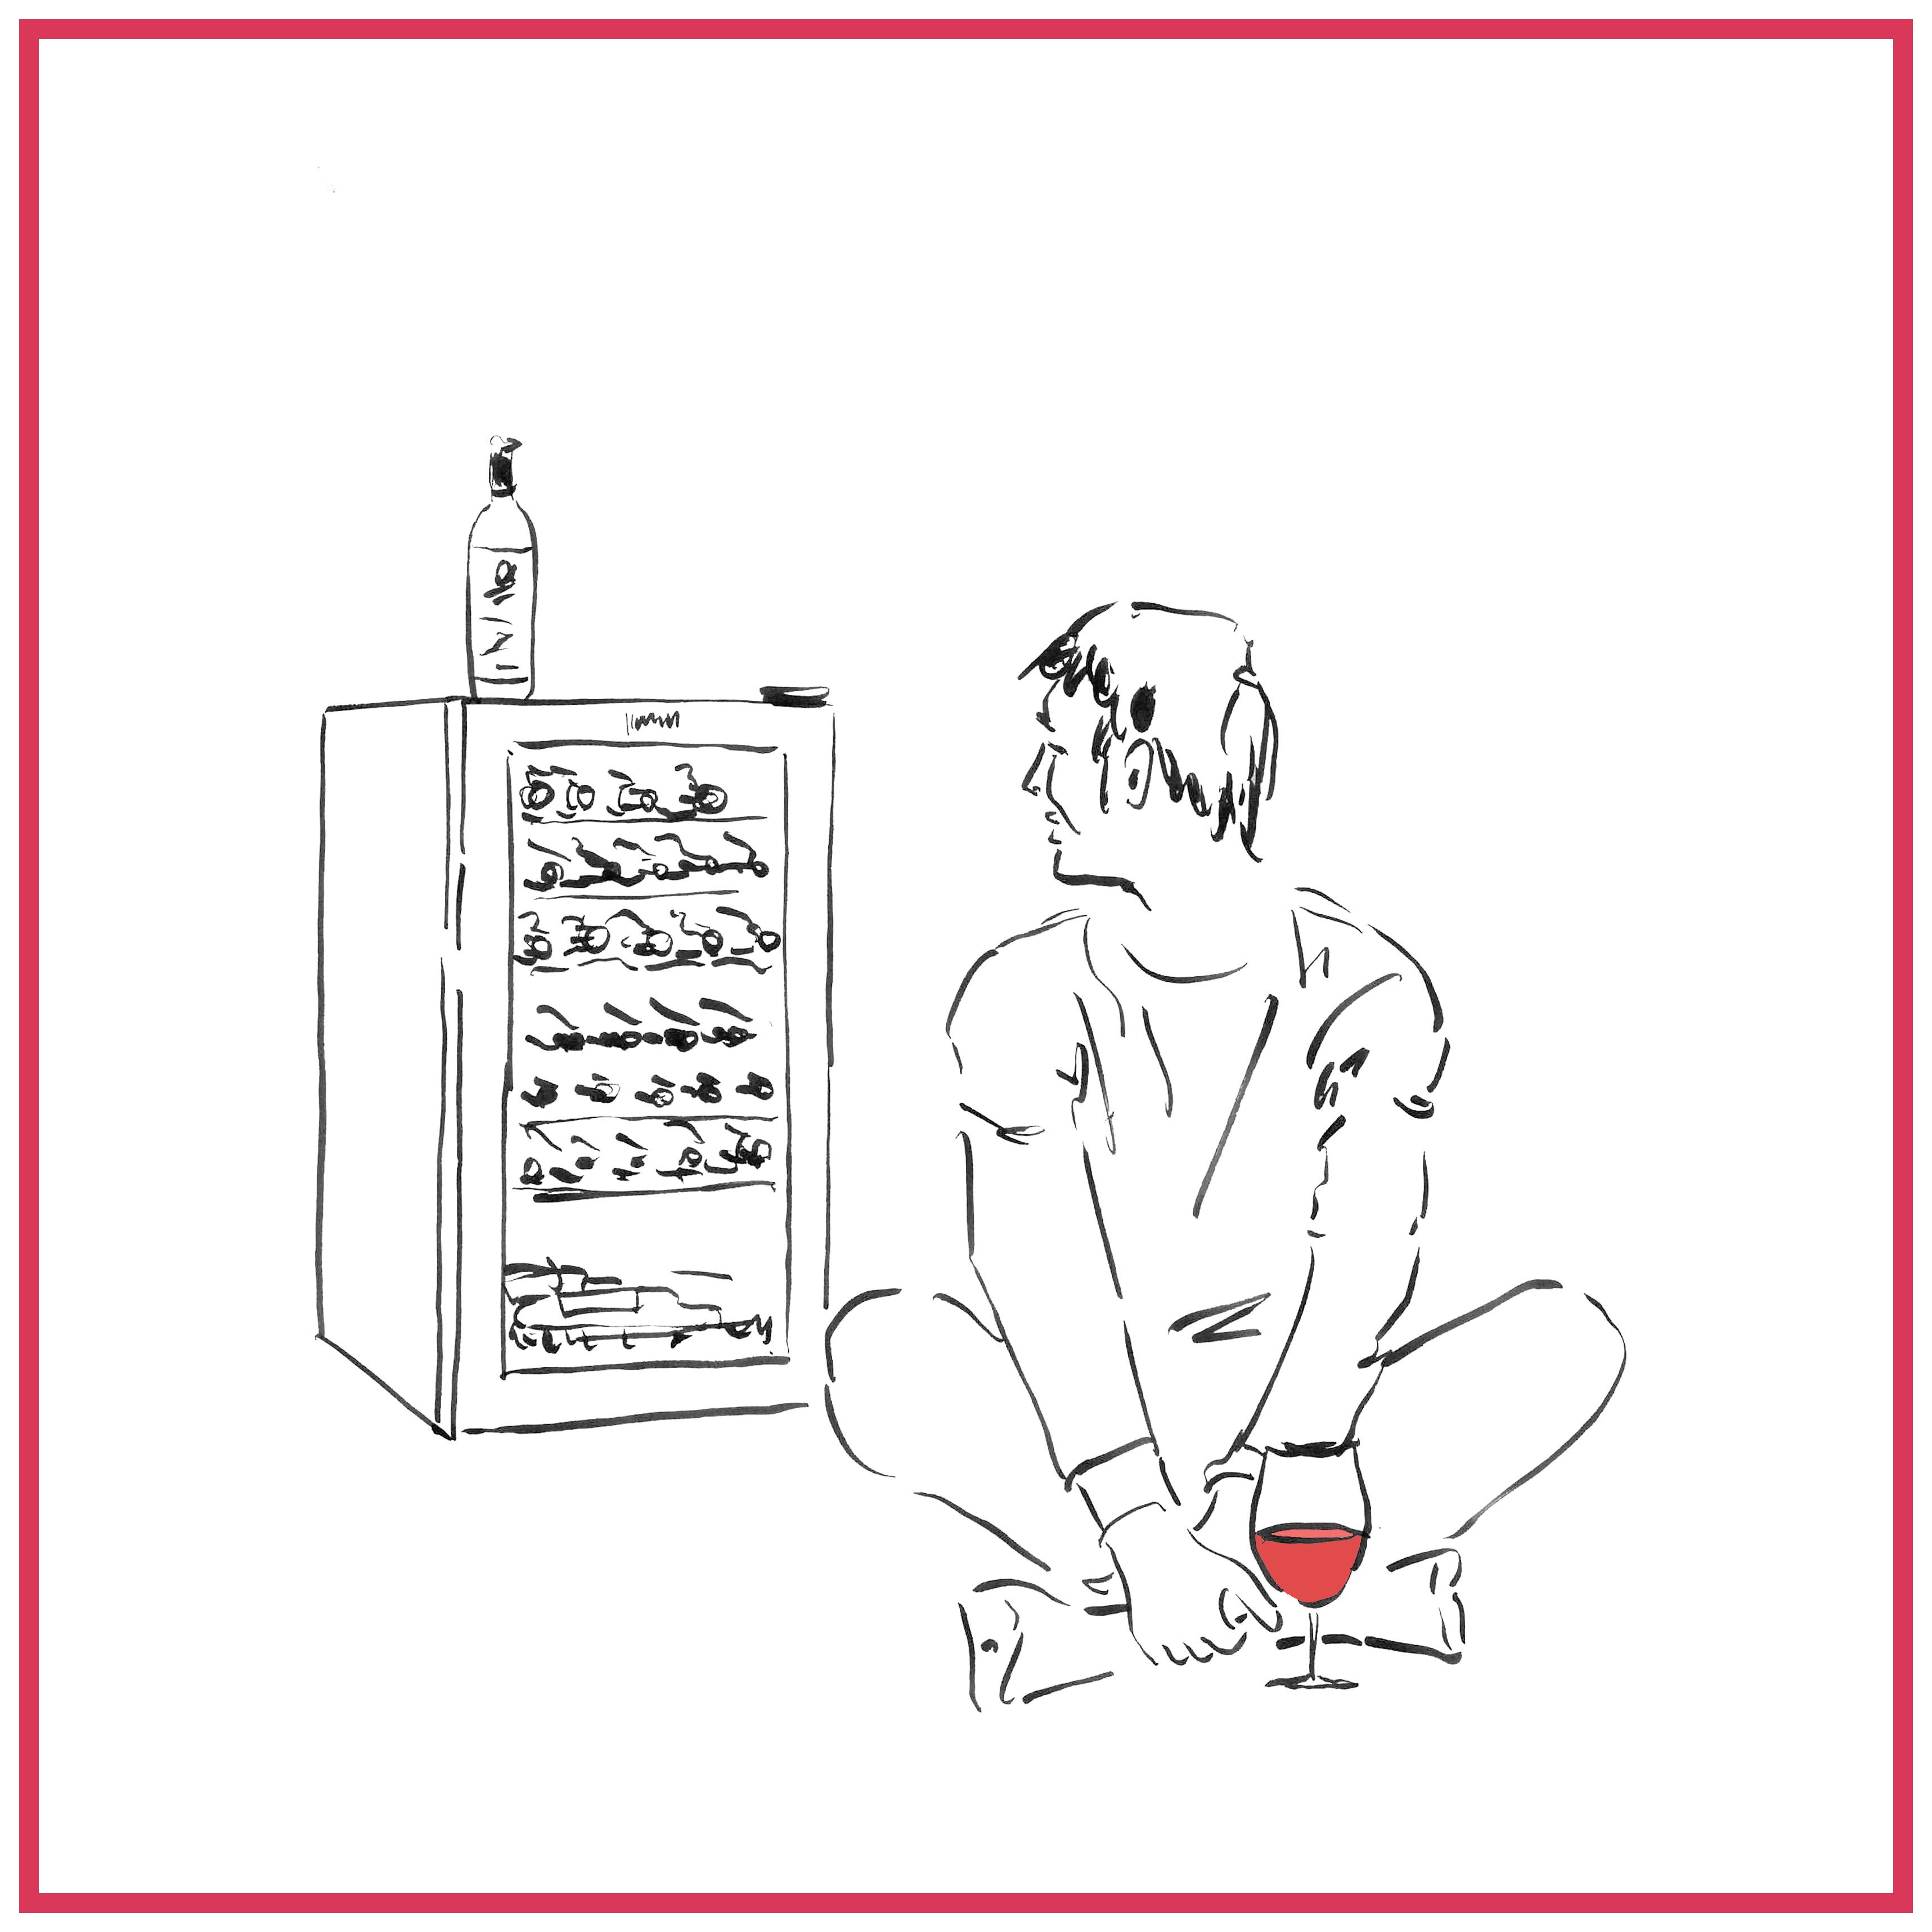 1等1名さまはワインセラー